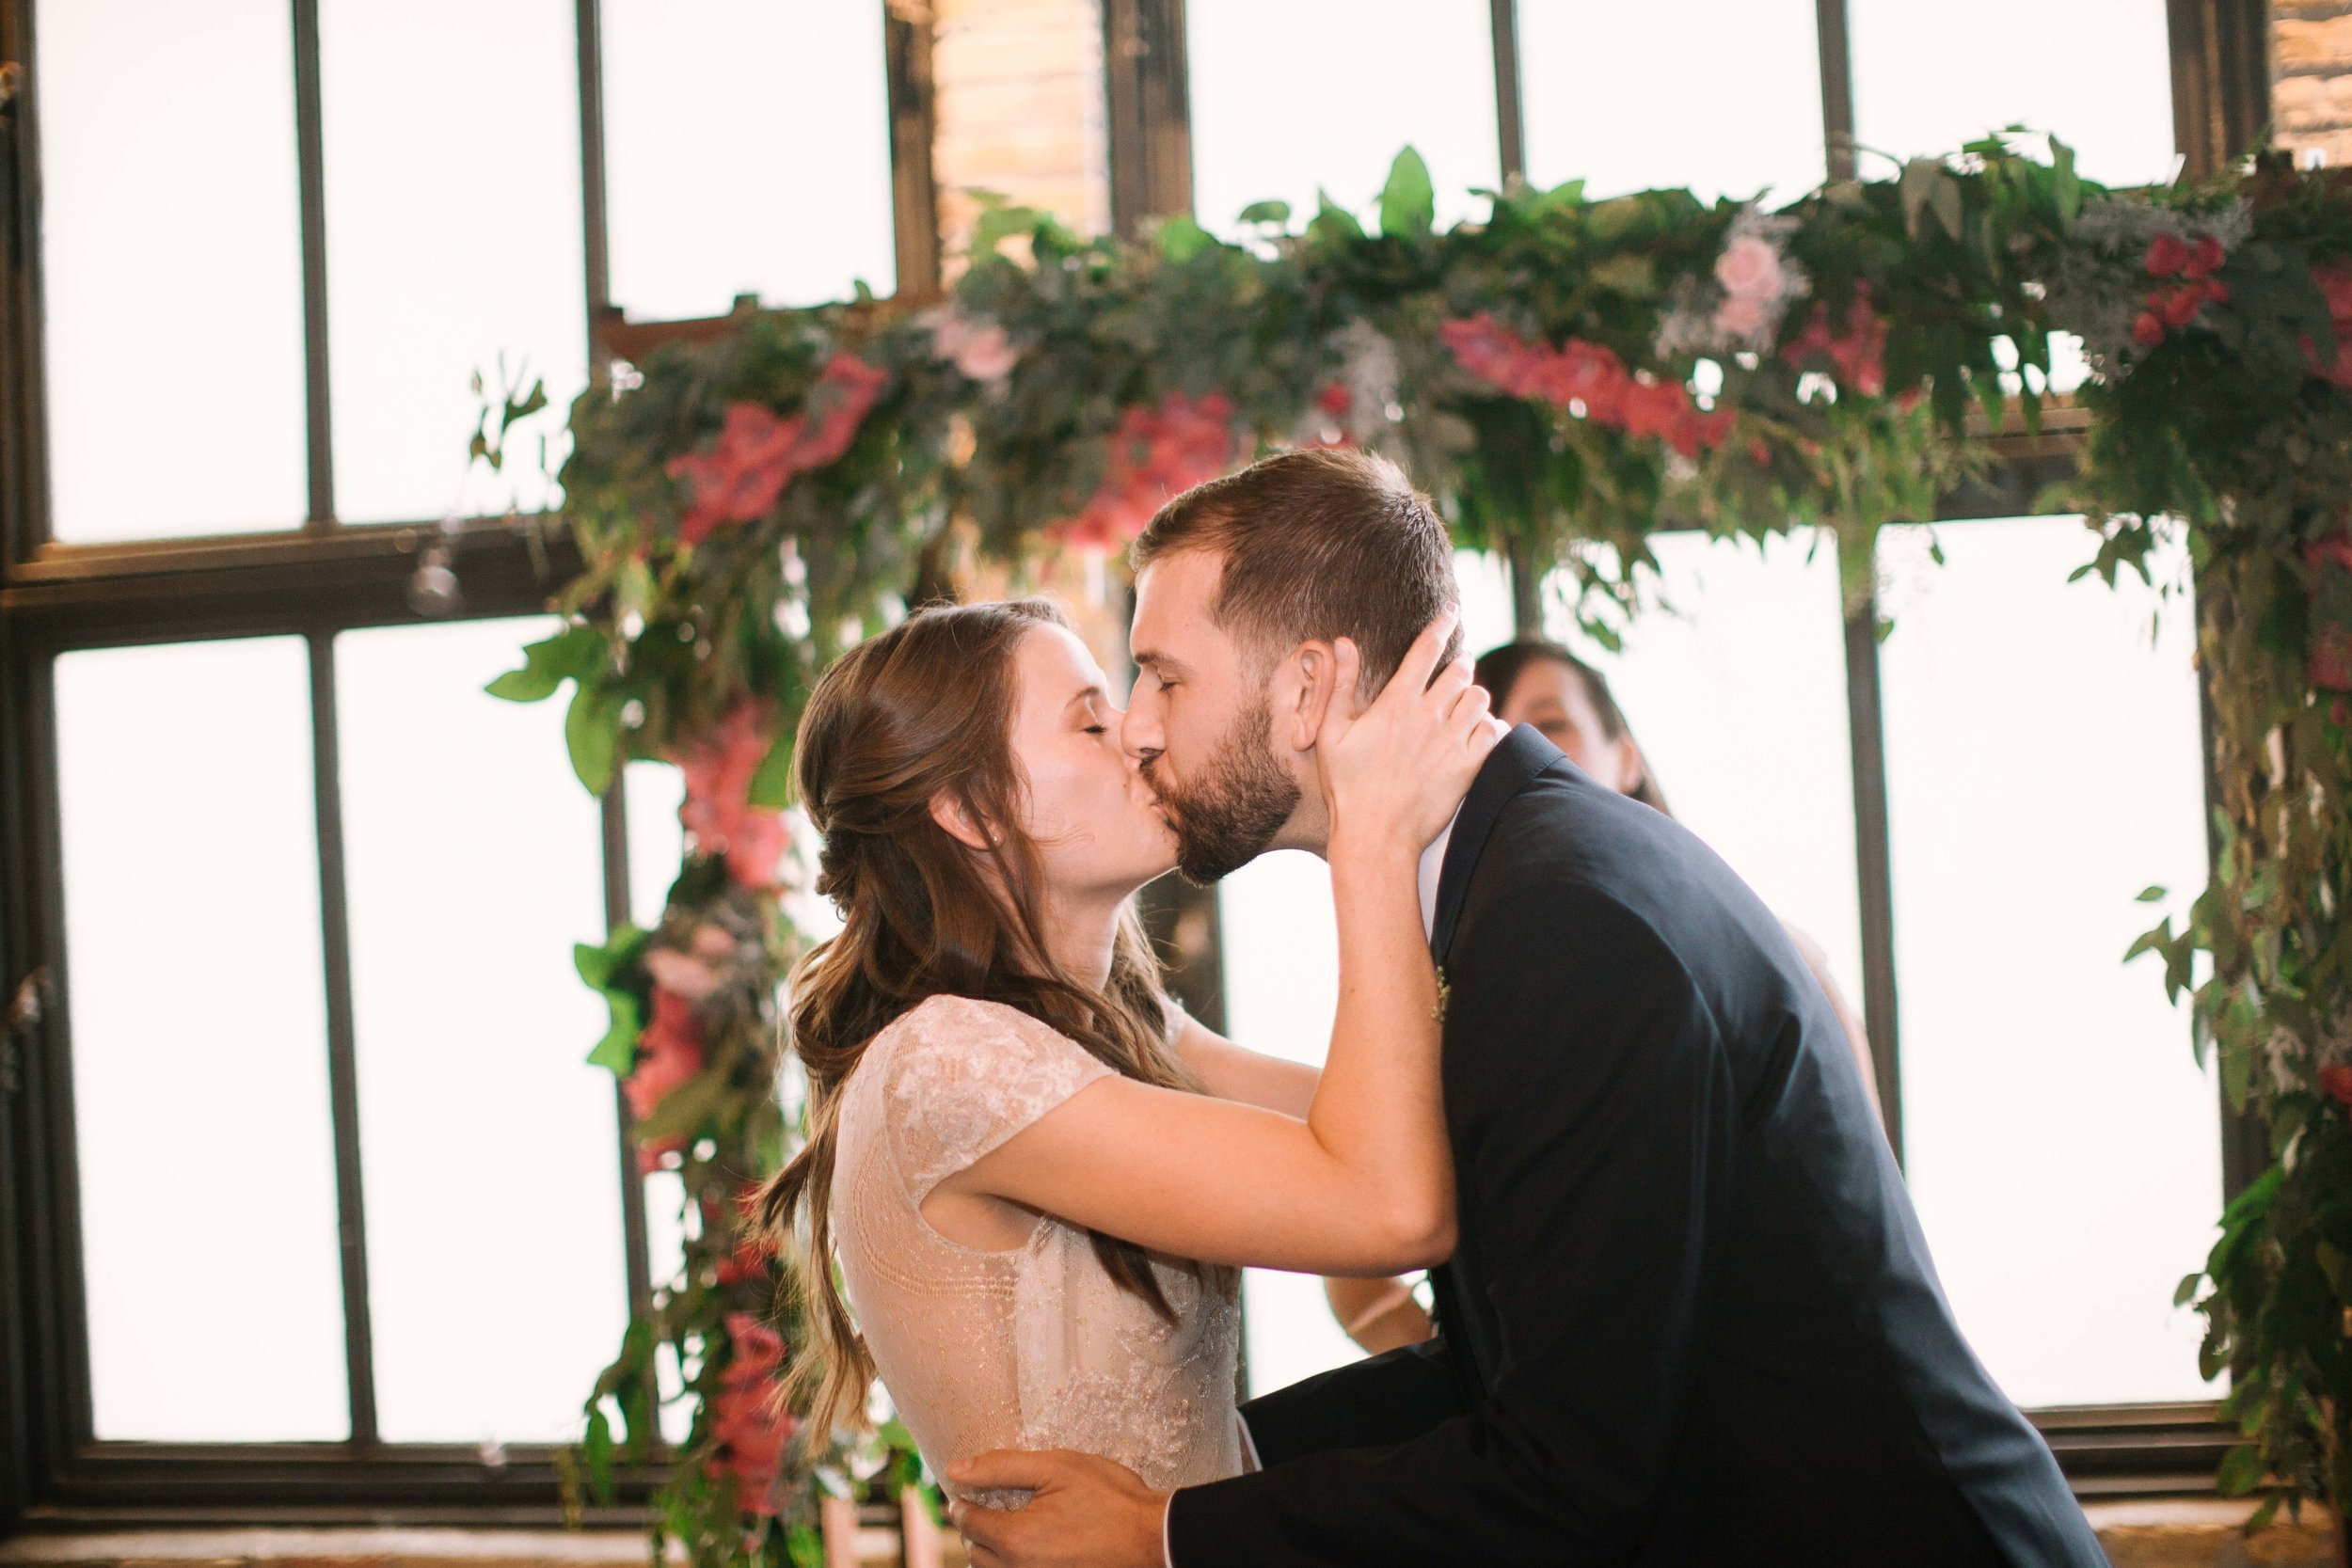 kateweinsteinphoto_clairewillie_wedding-485.jpg